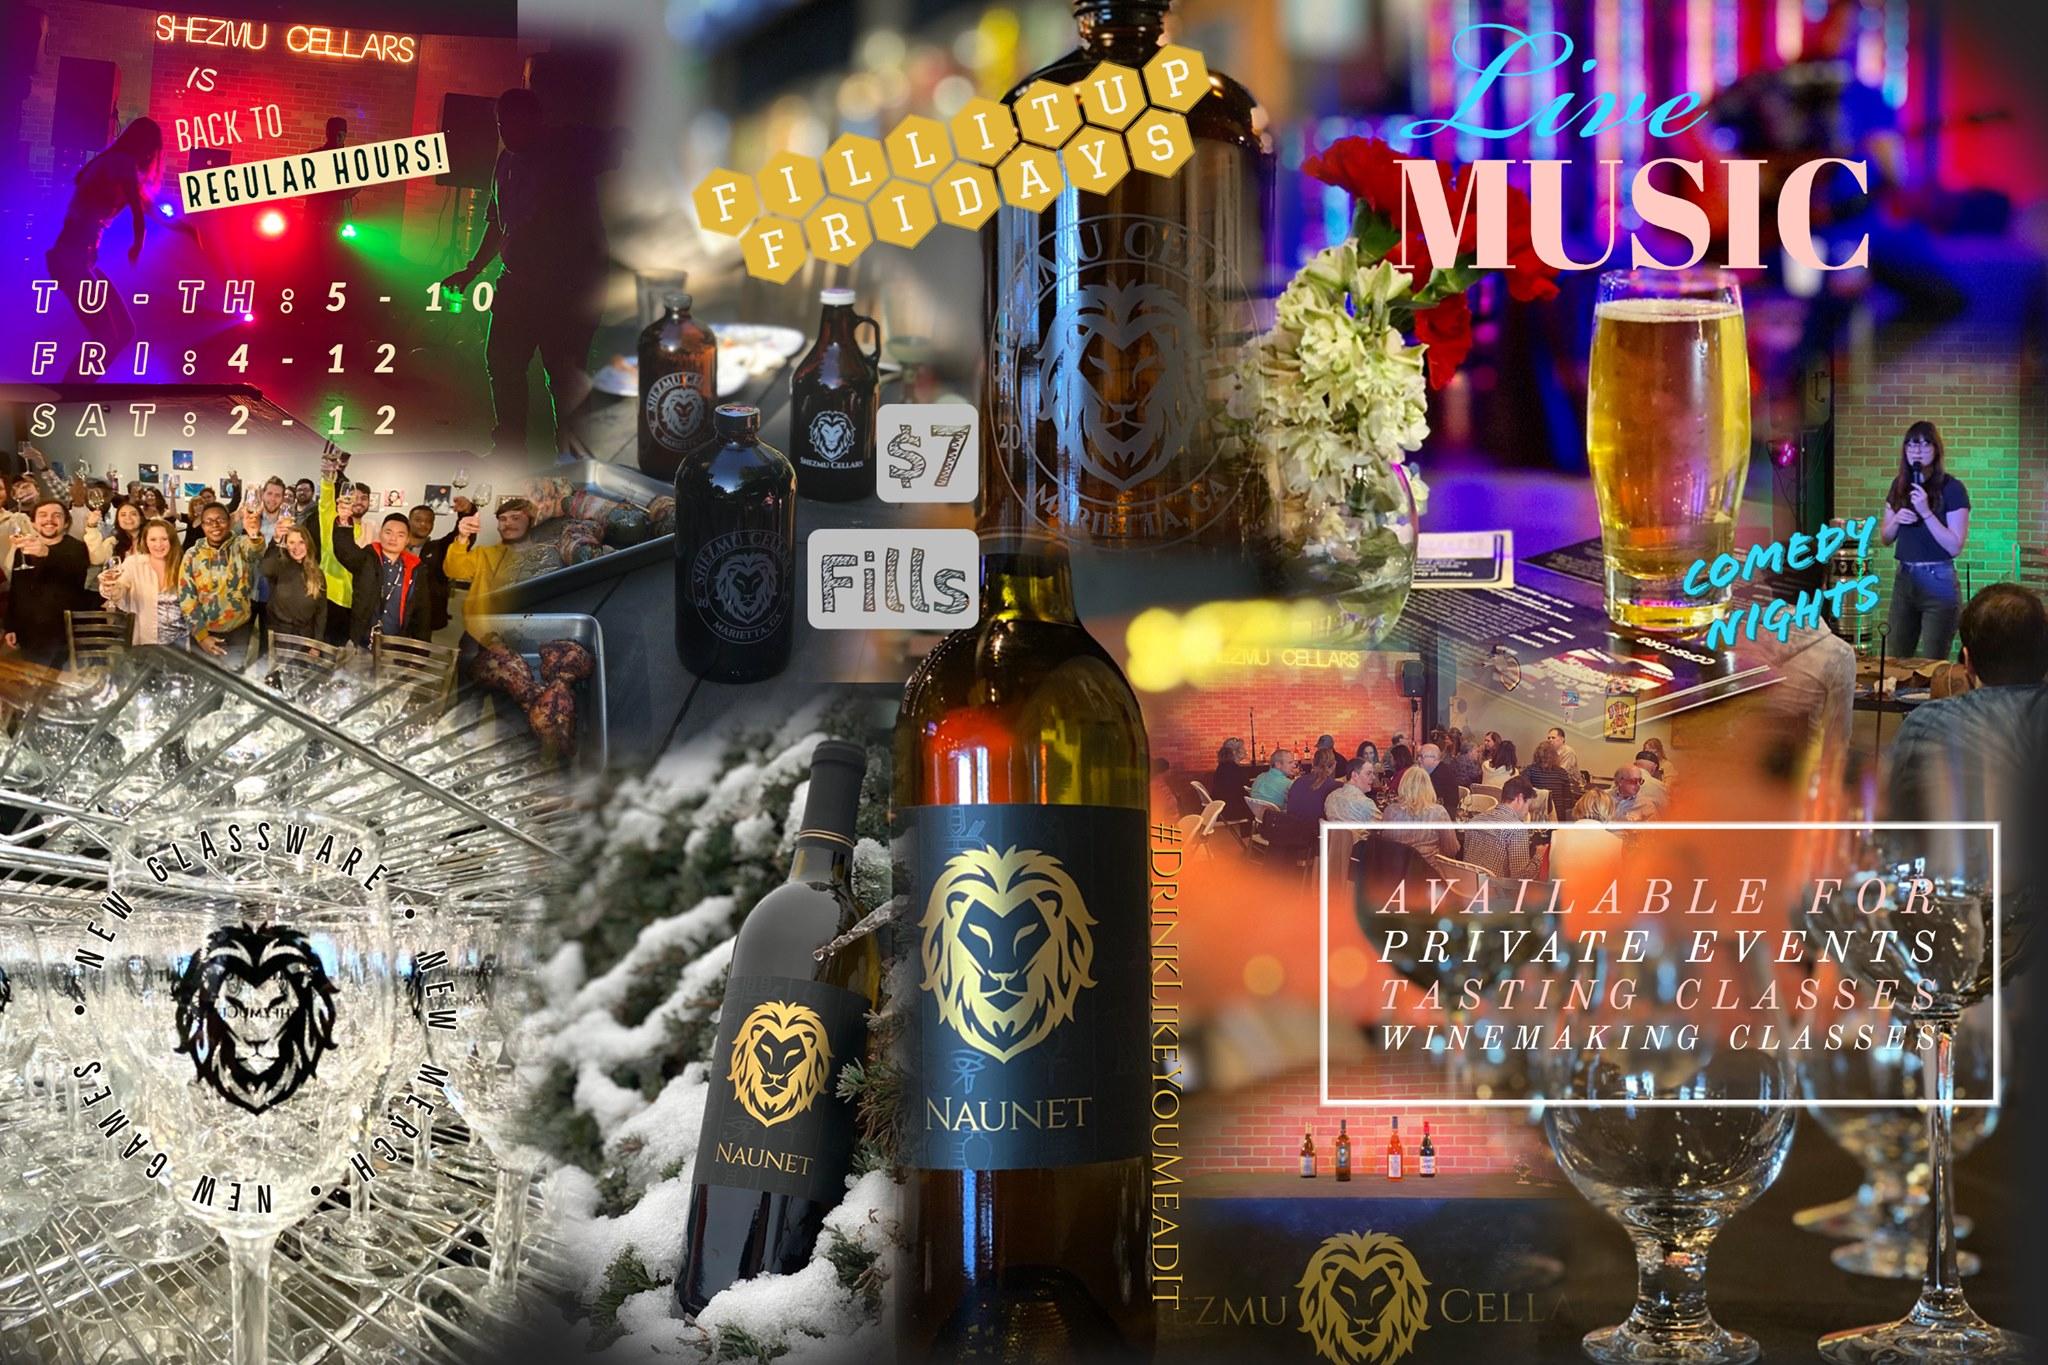 Music Event in Marietta